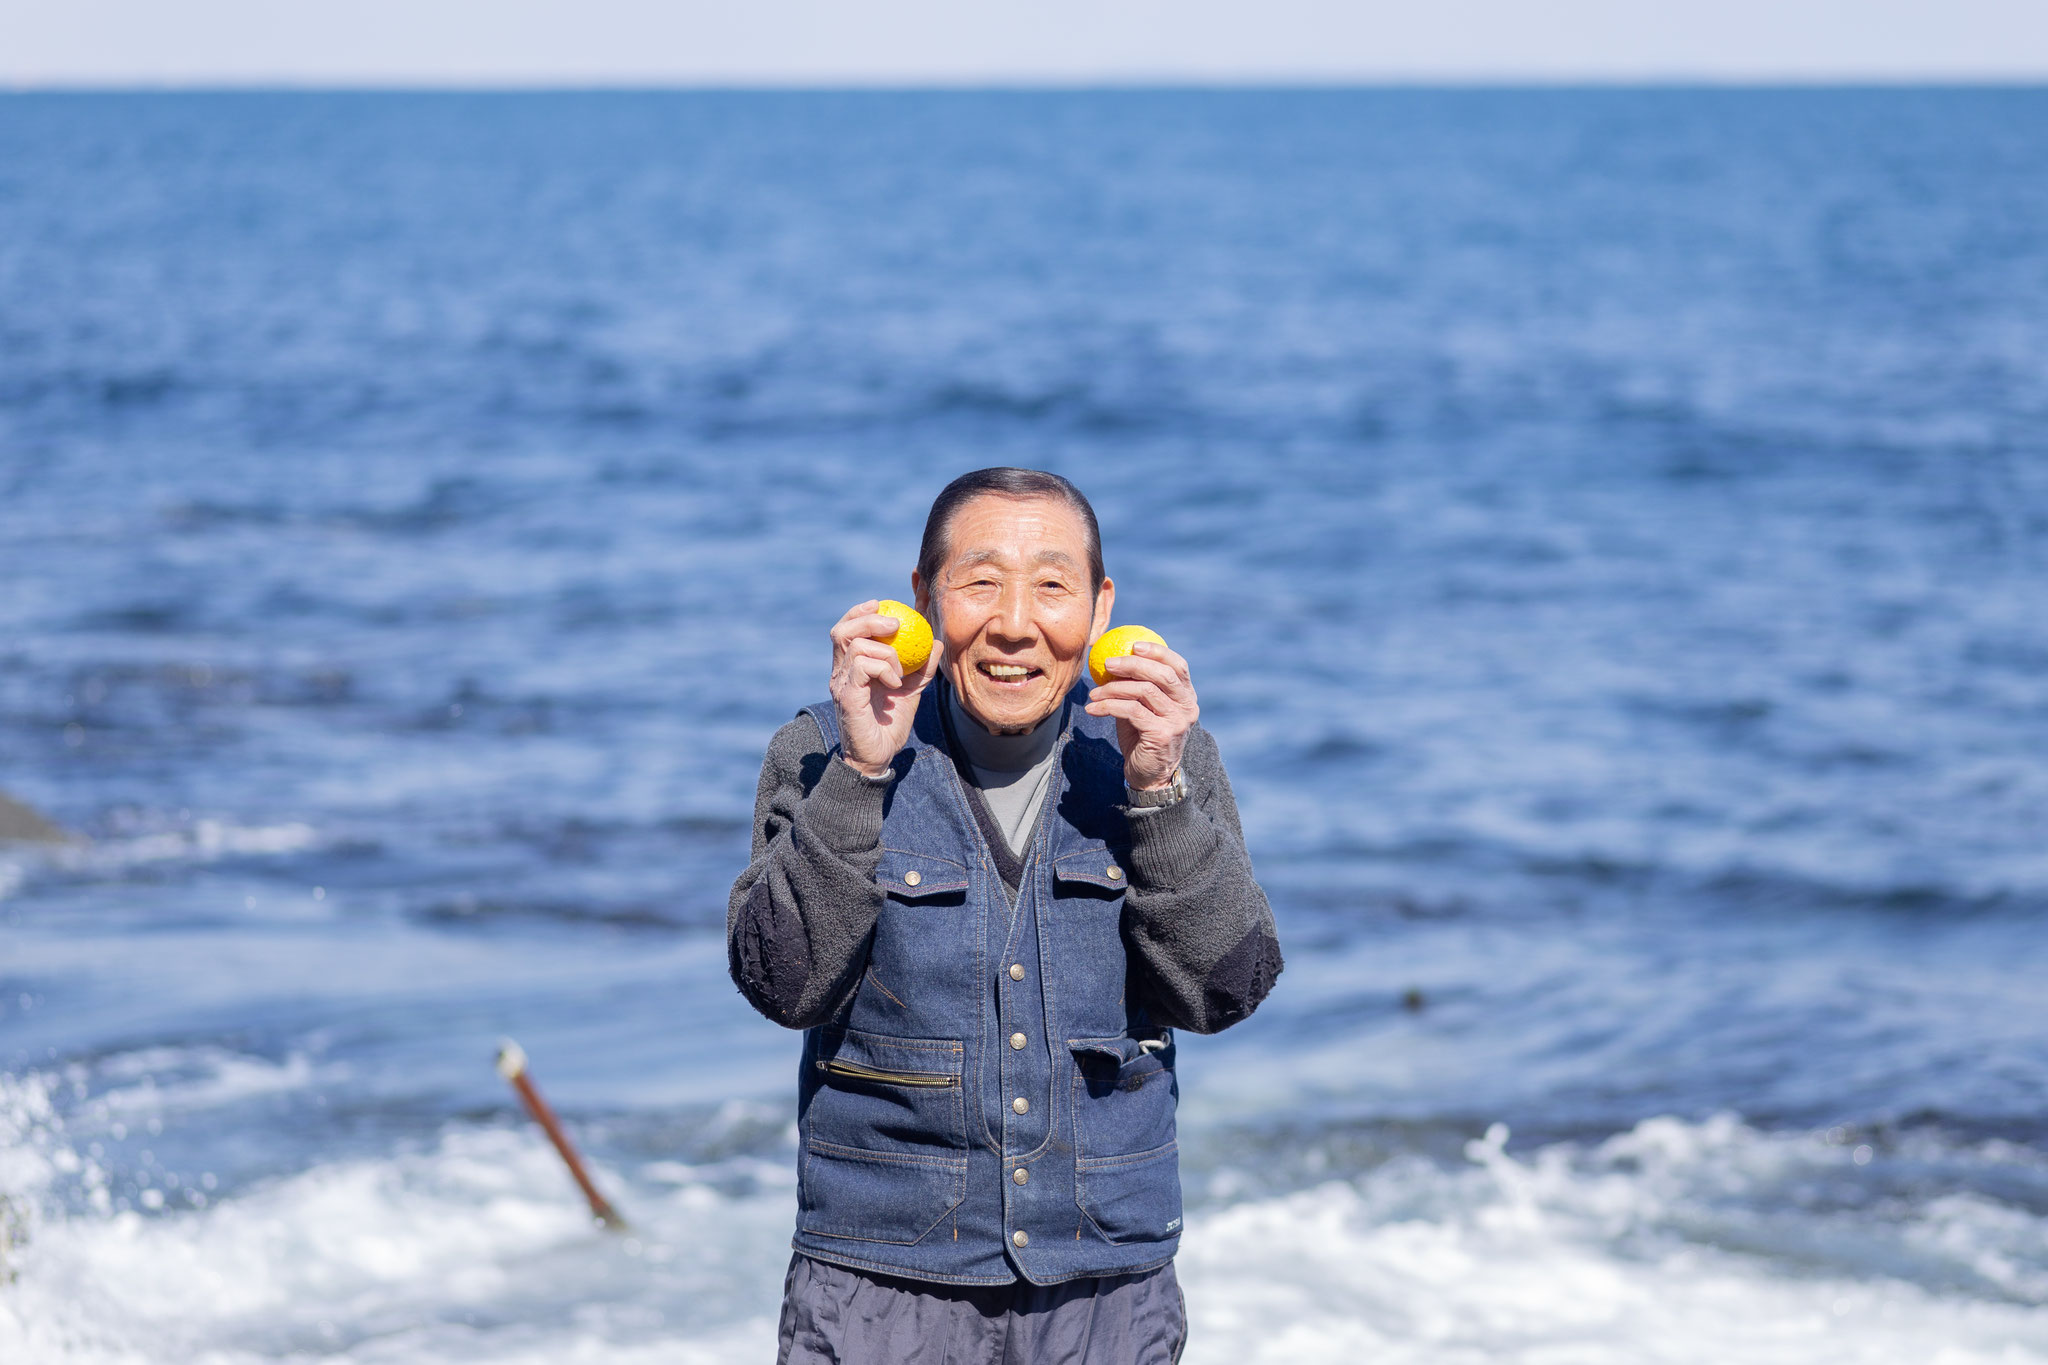 ゴールデンオレンジ:静岡県産3月上旬出荷開始、神奈川県産4月上旬出荷開始予定